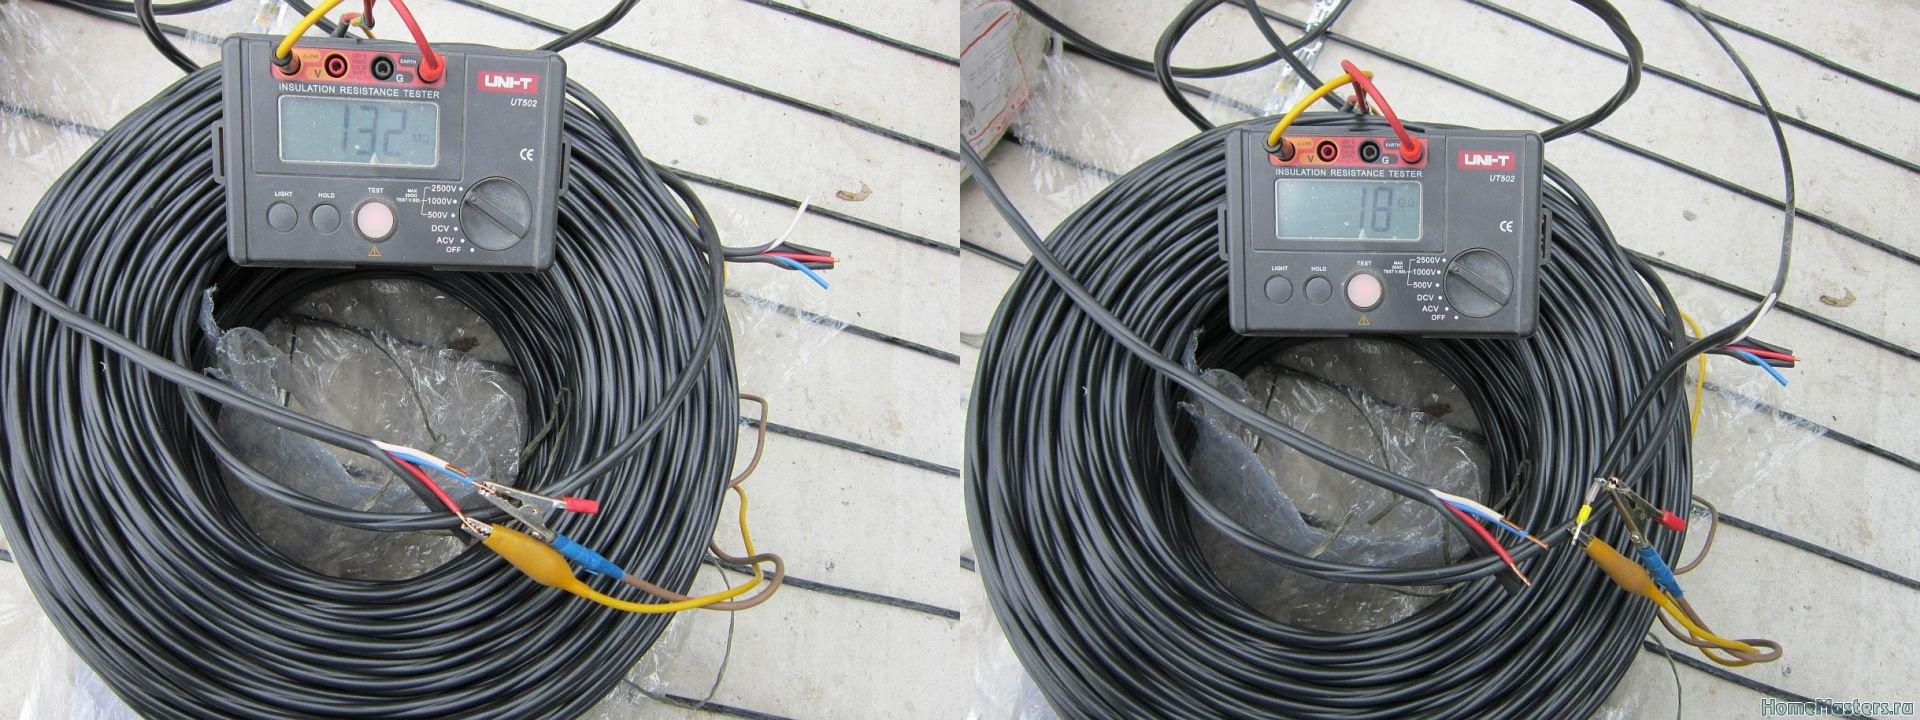 Нормальное сопротивление обмотки электродвигателя. как проверить изоляцию кабеля мегаомметром